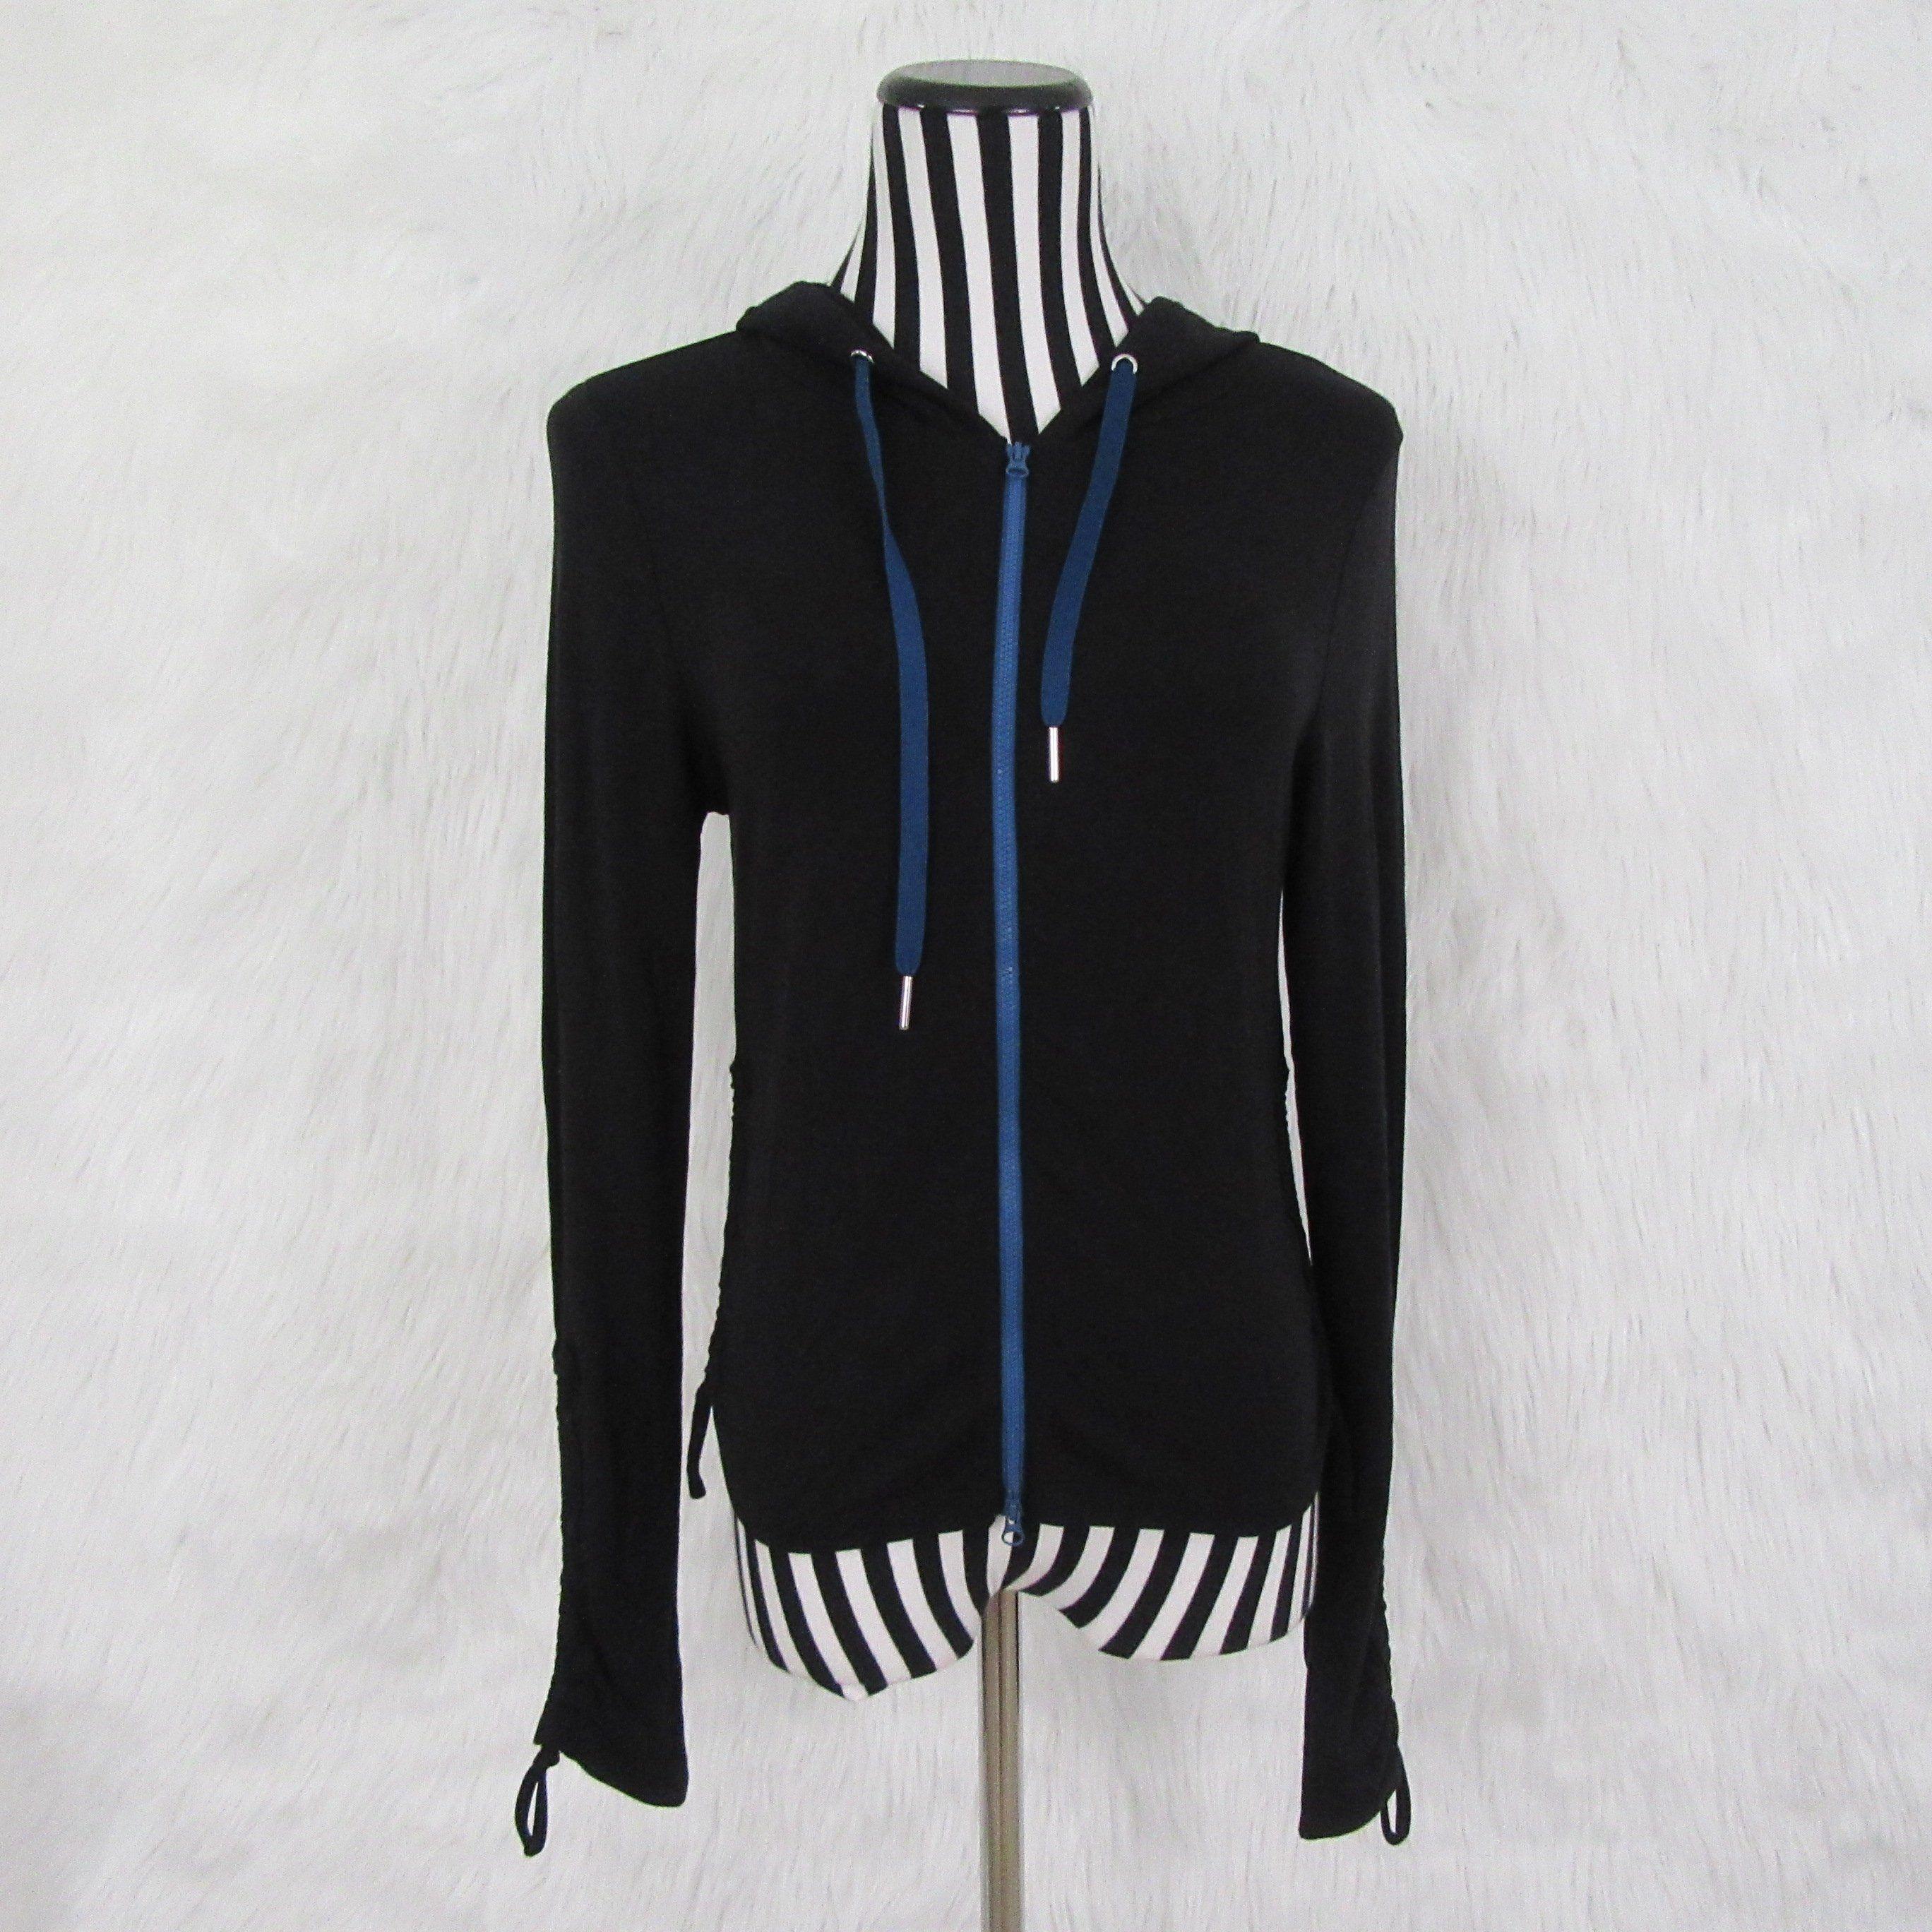 506b83c6fc6c9d Free People FP Movement Zip Black Hoodie Sweatshirt